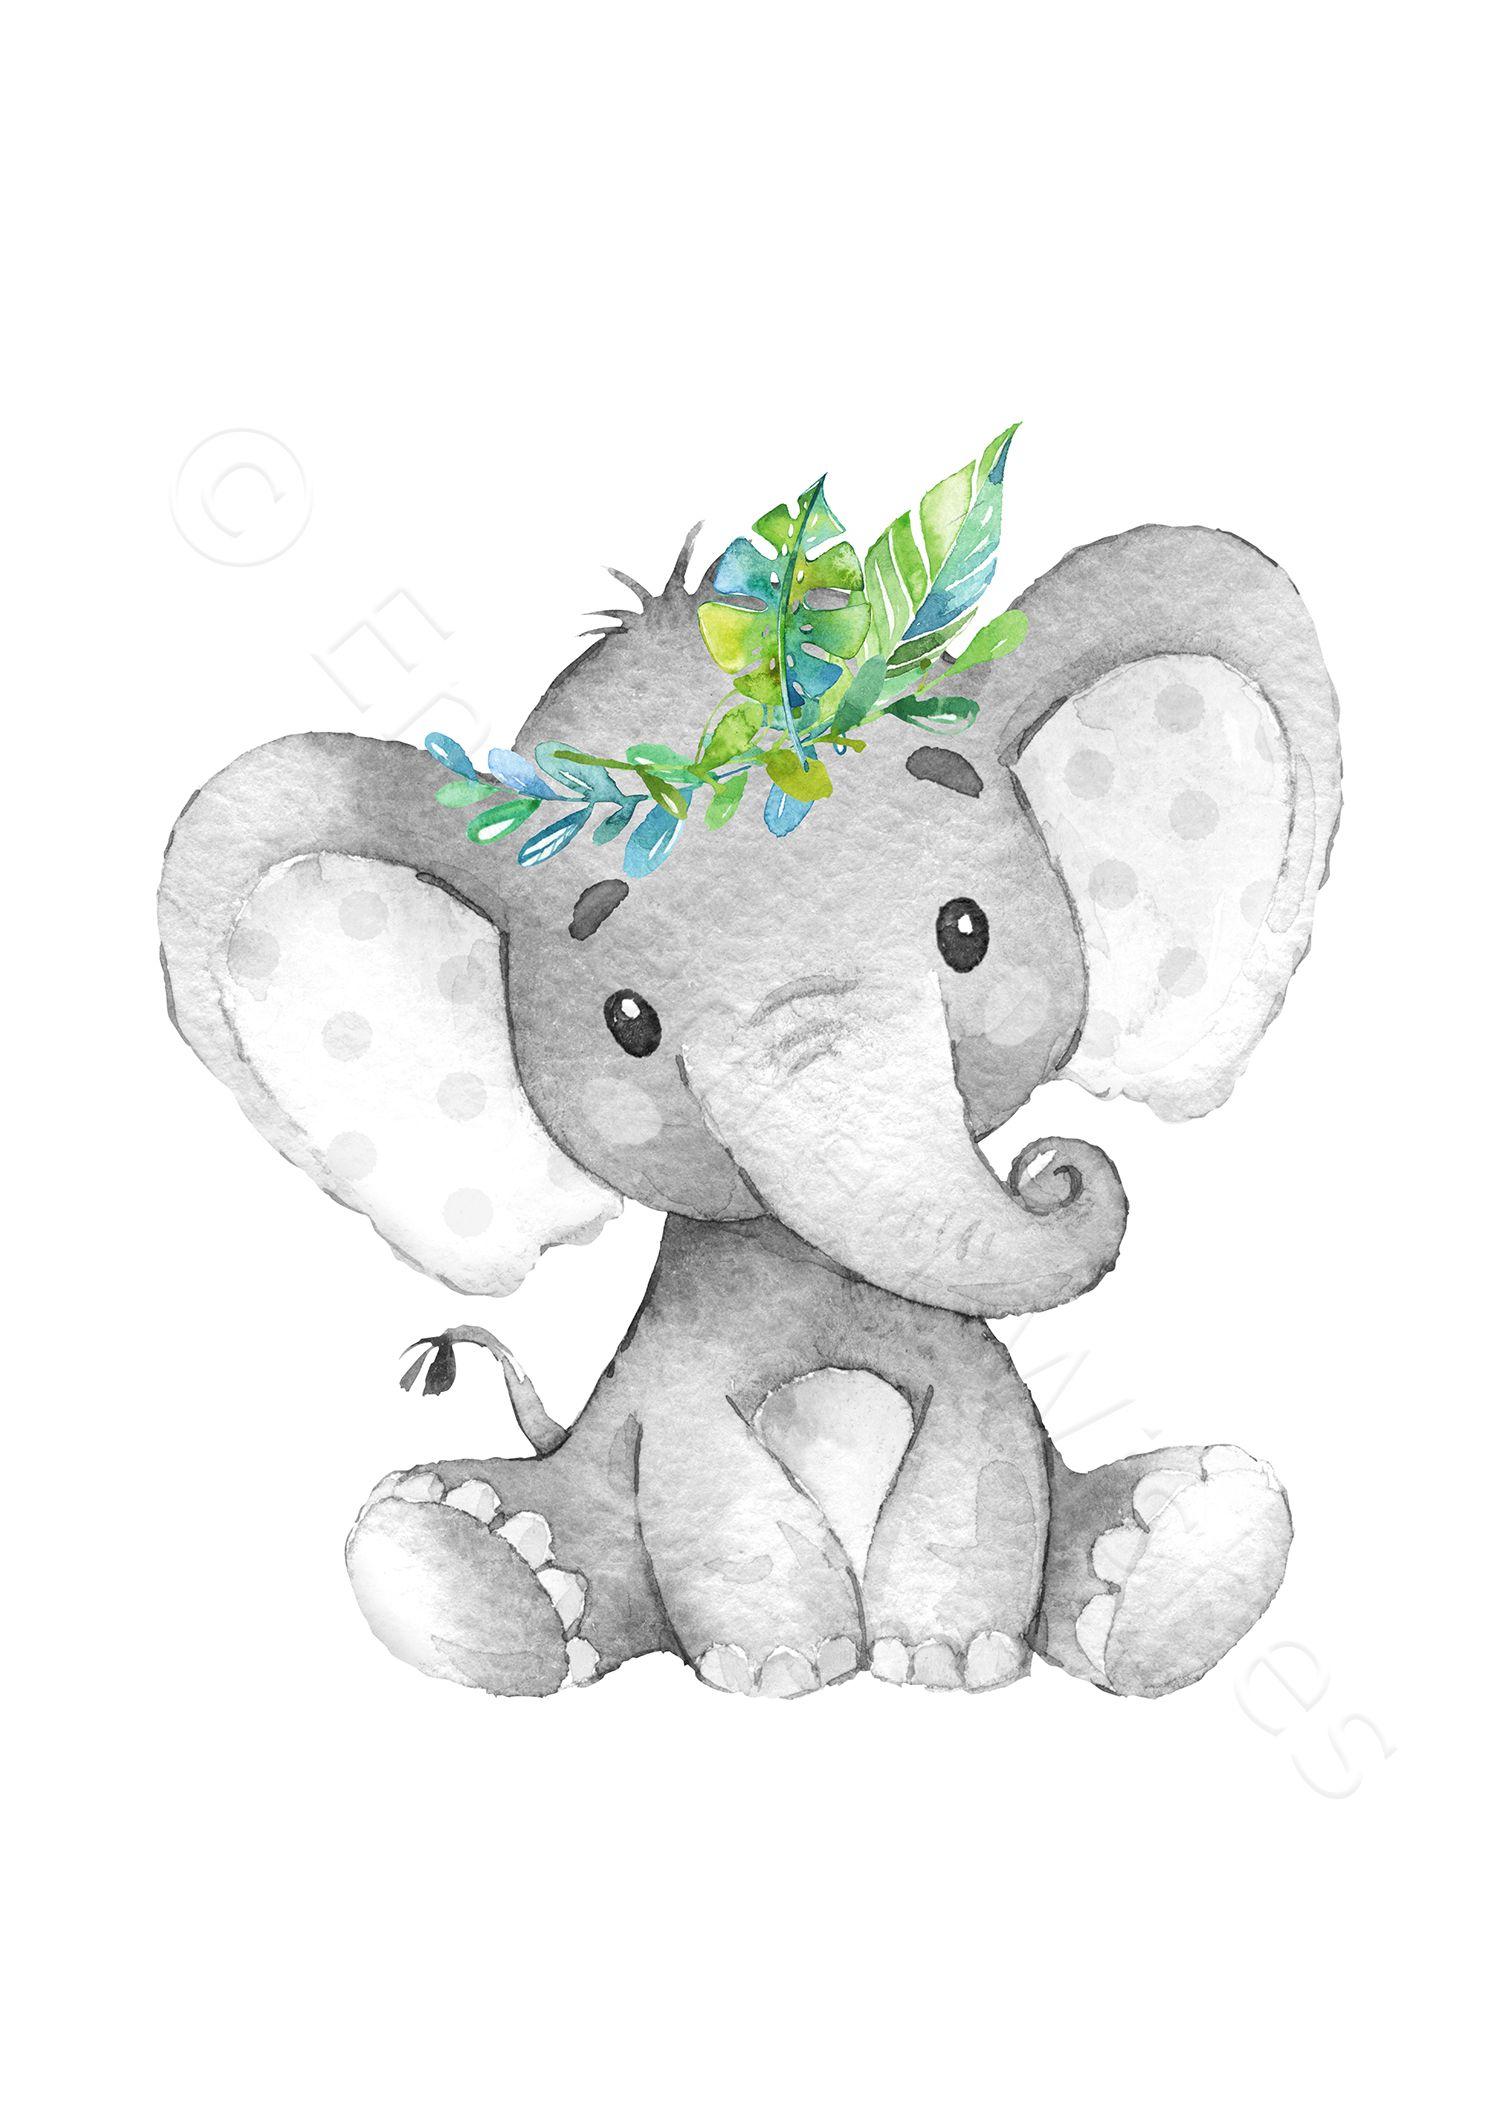 Grey Safari Animal Printable Prints Set of 3 - Jungle Nursery Wall Art Pictures - Printable Wall Art